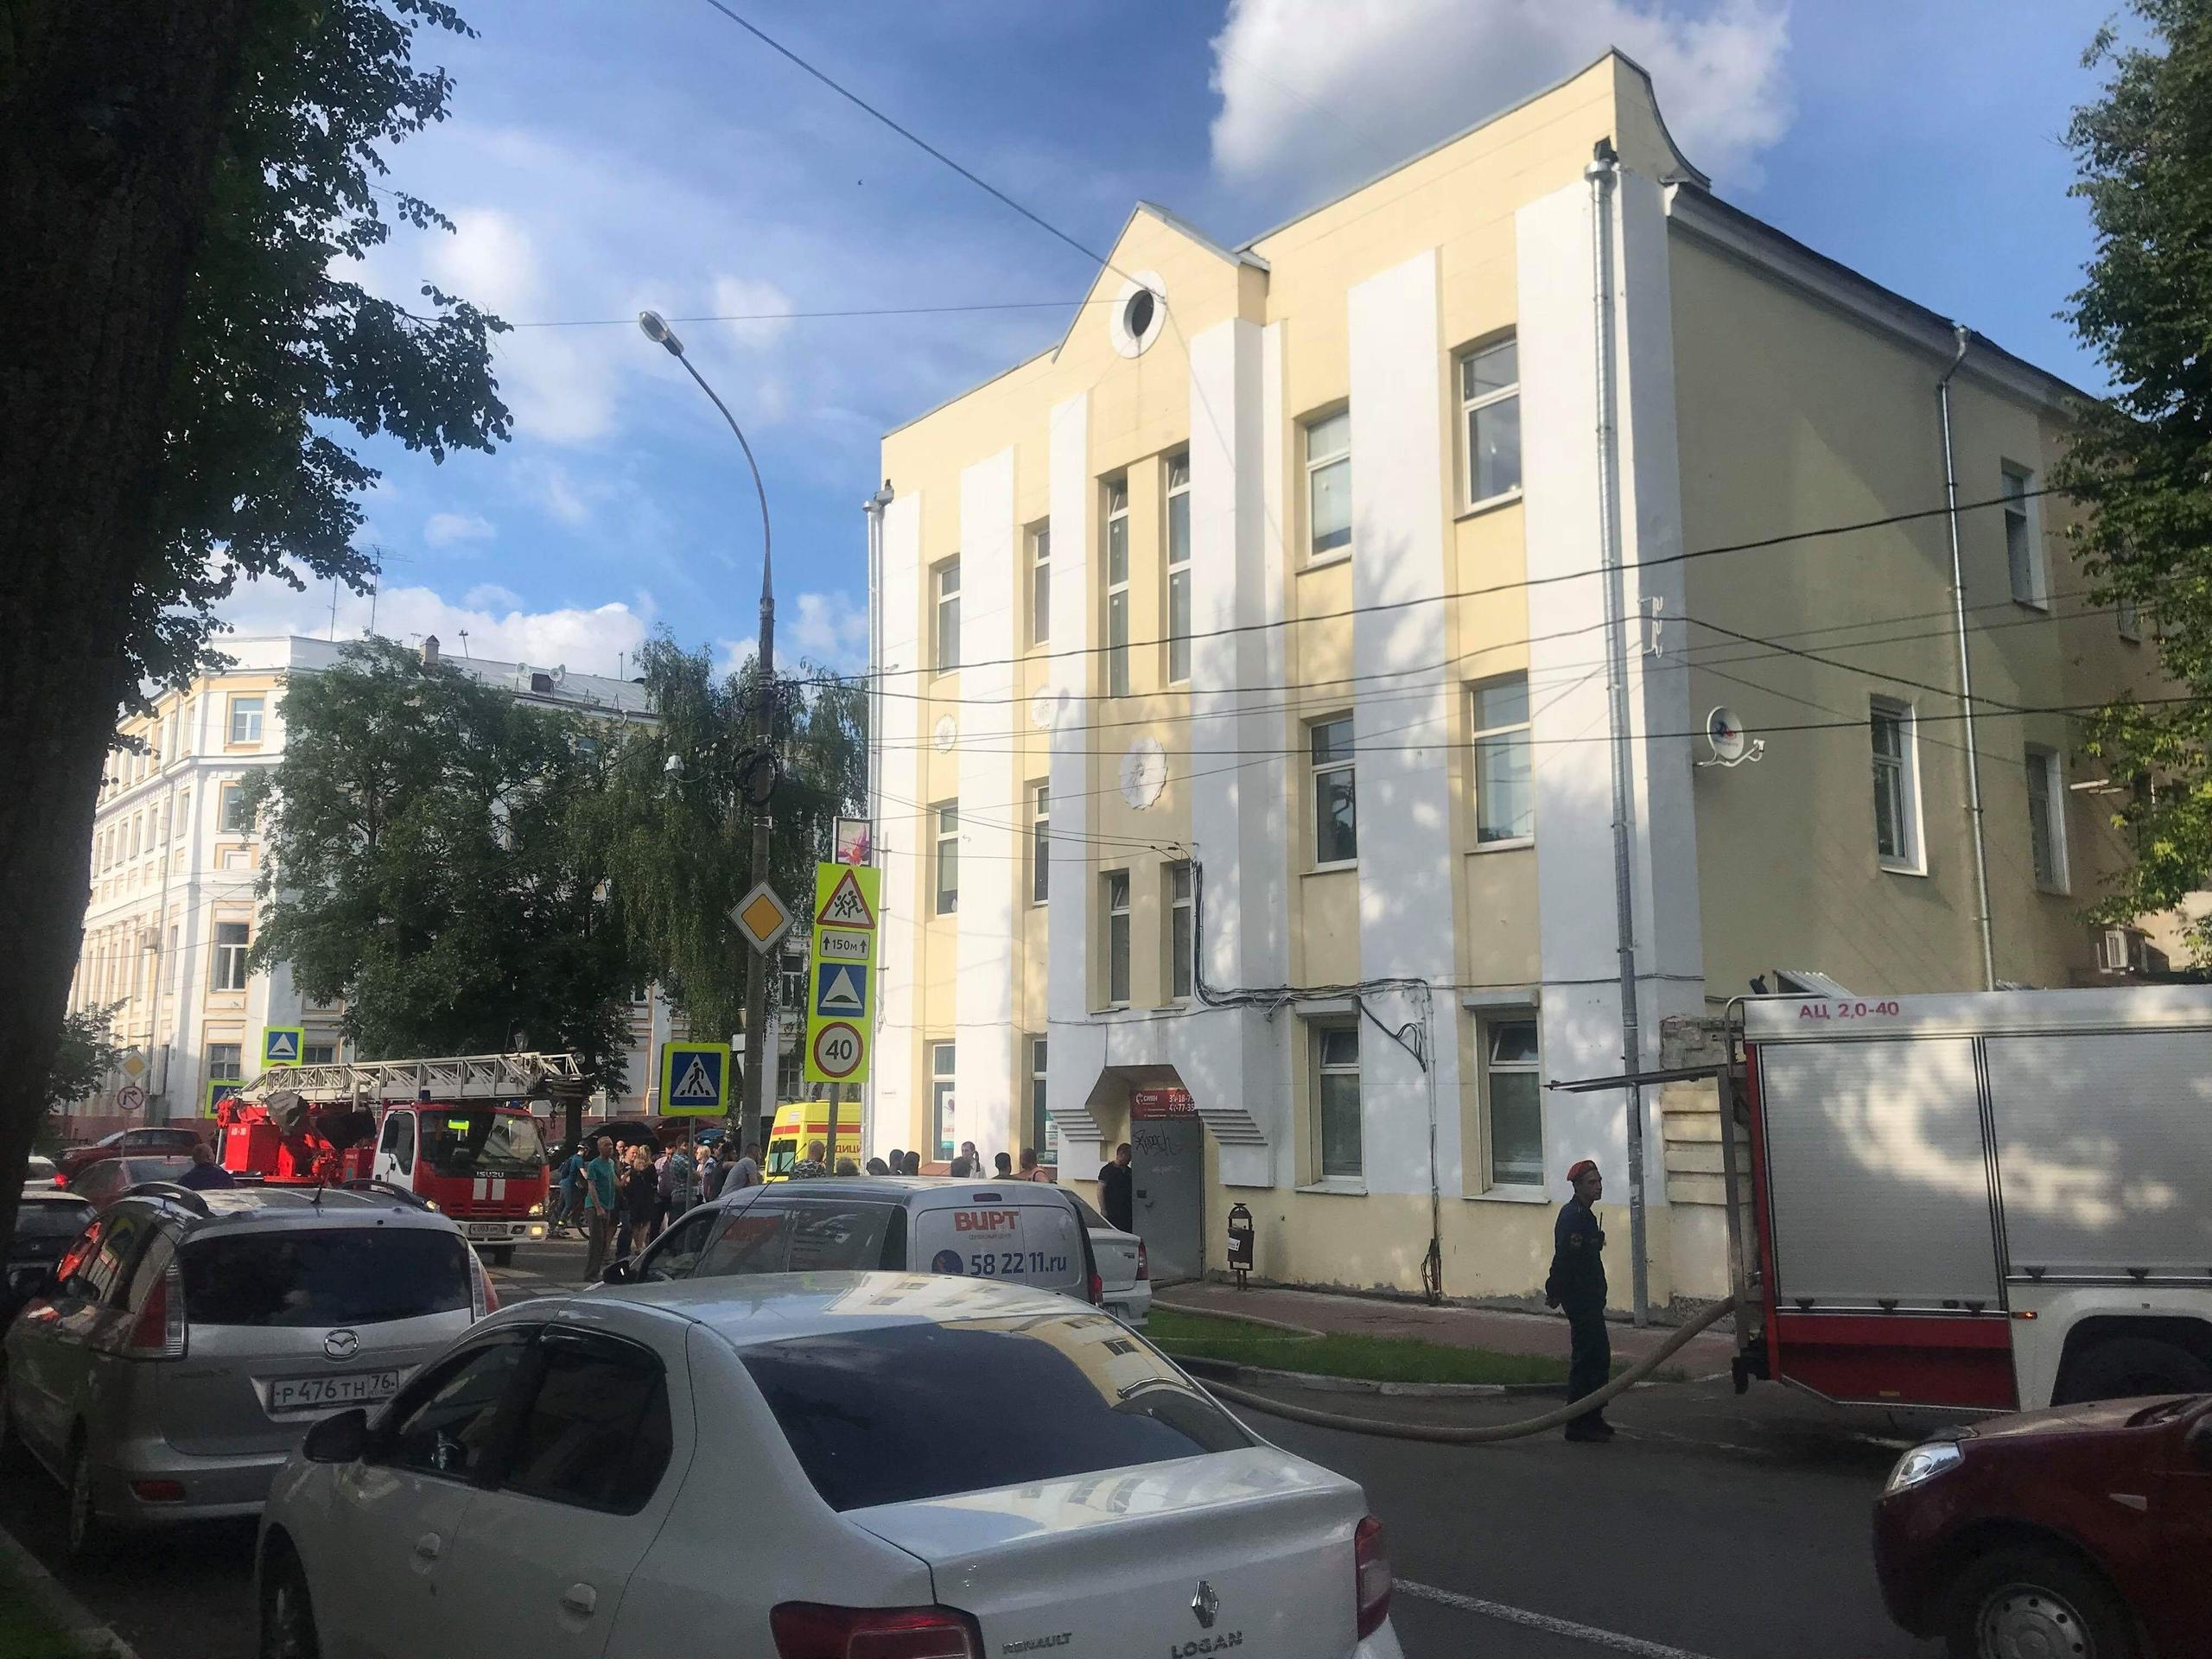 Спецслужбы отреагировали оперативно на сообщение о пожаре